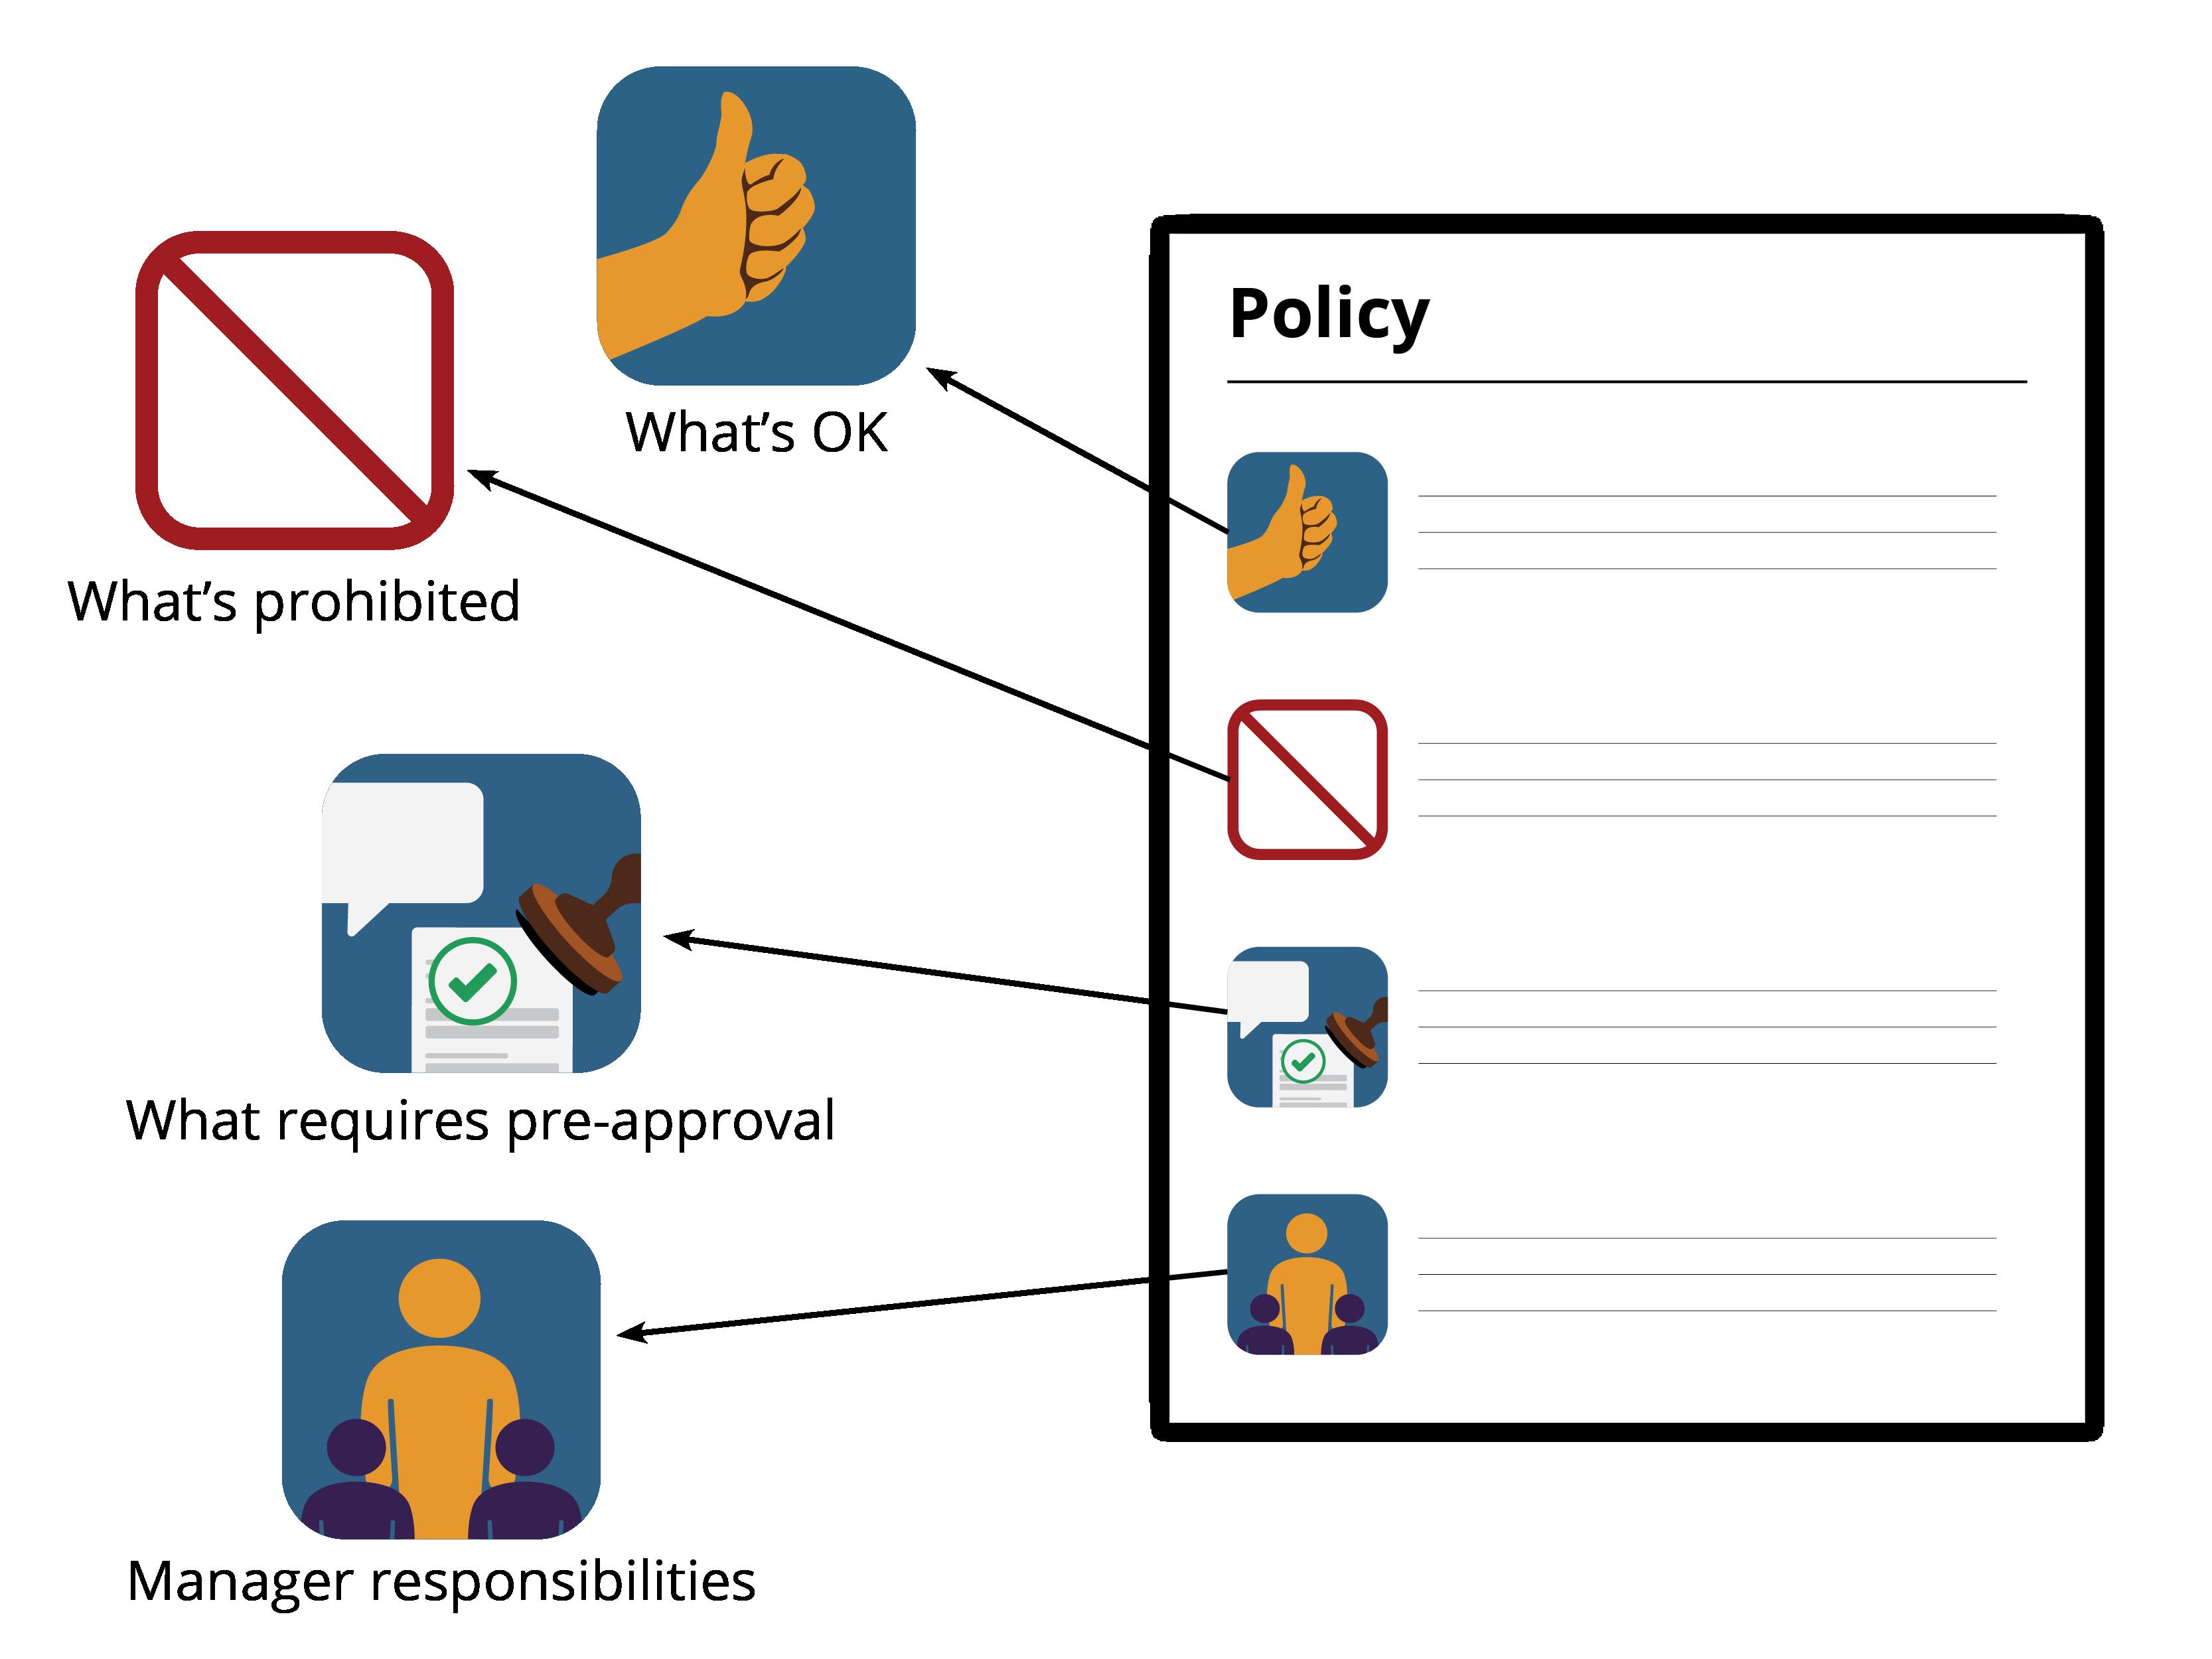 Mockup-policy.png